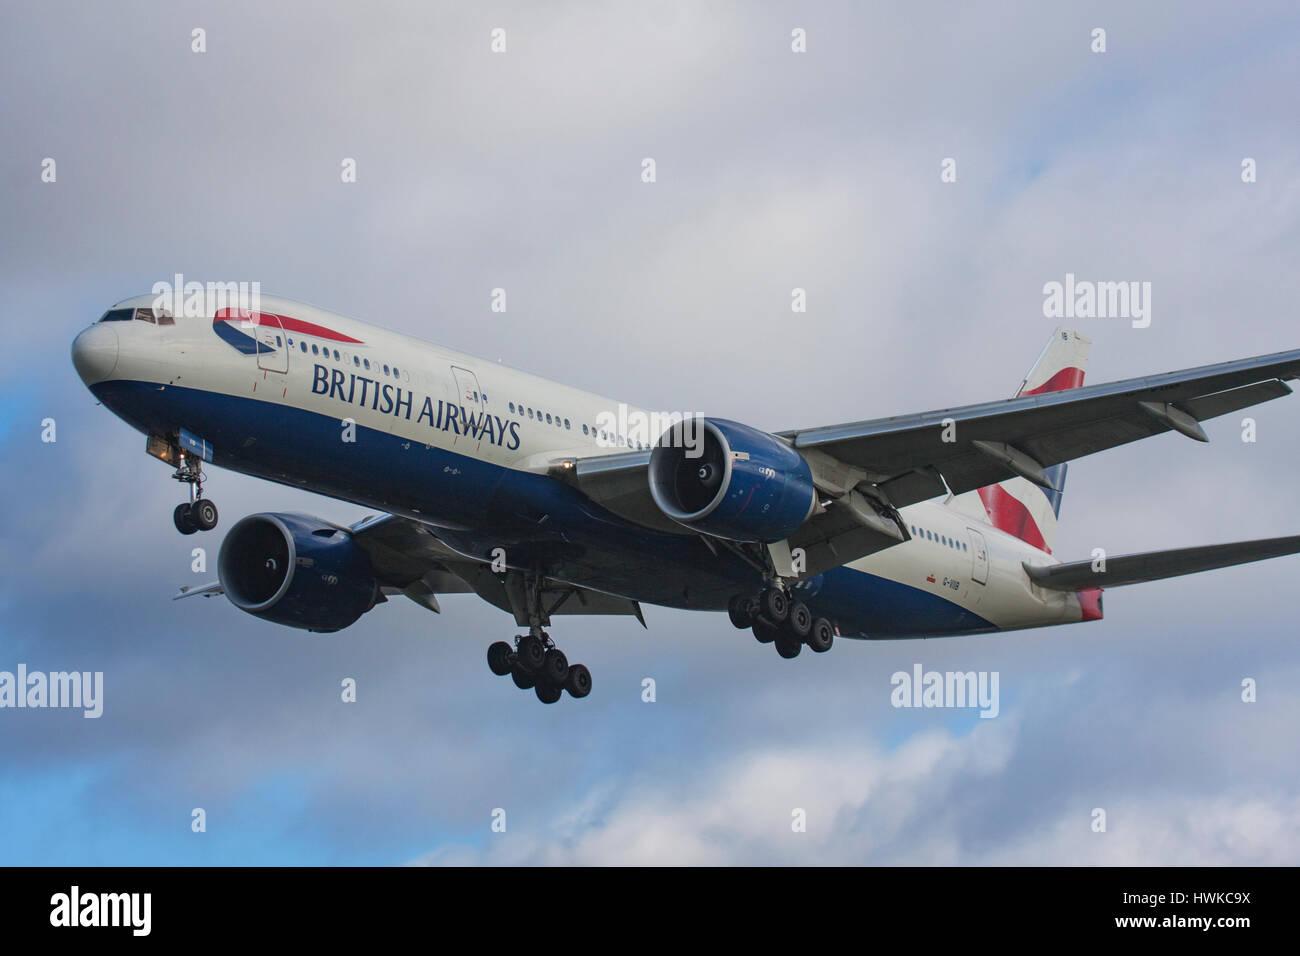 British Airways Boeing 777-236/ER landing at London Heathrow Airport, UK - Stock Image